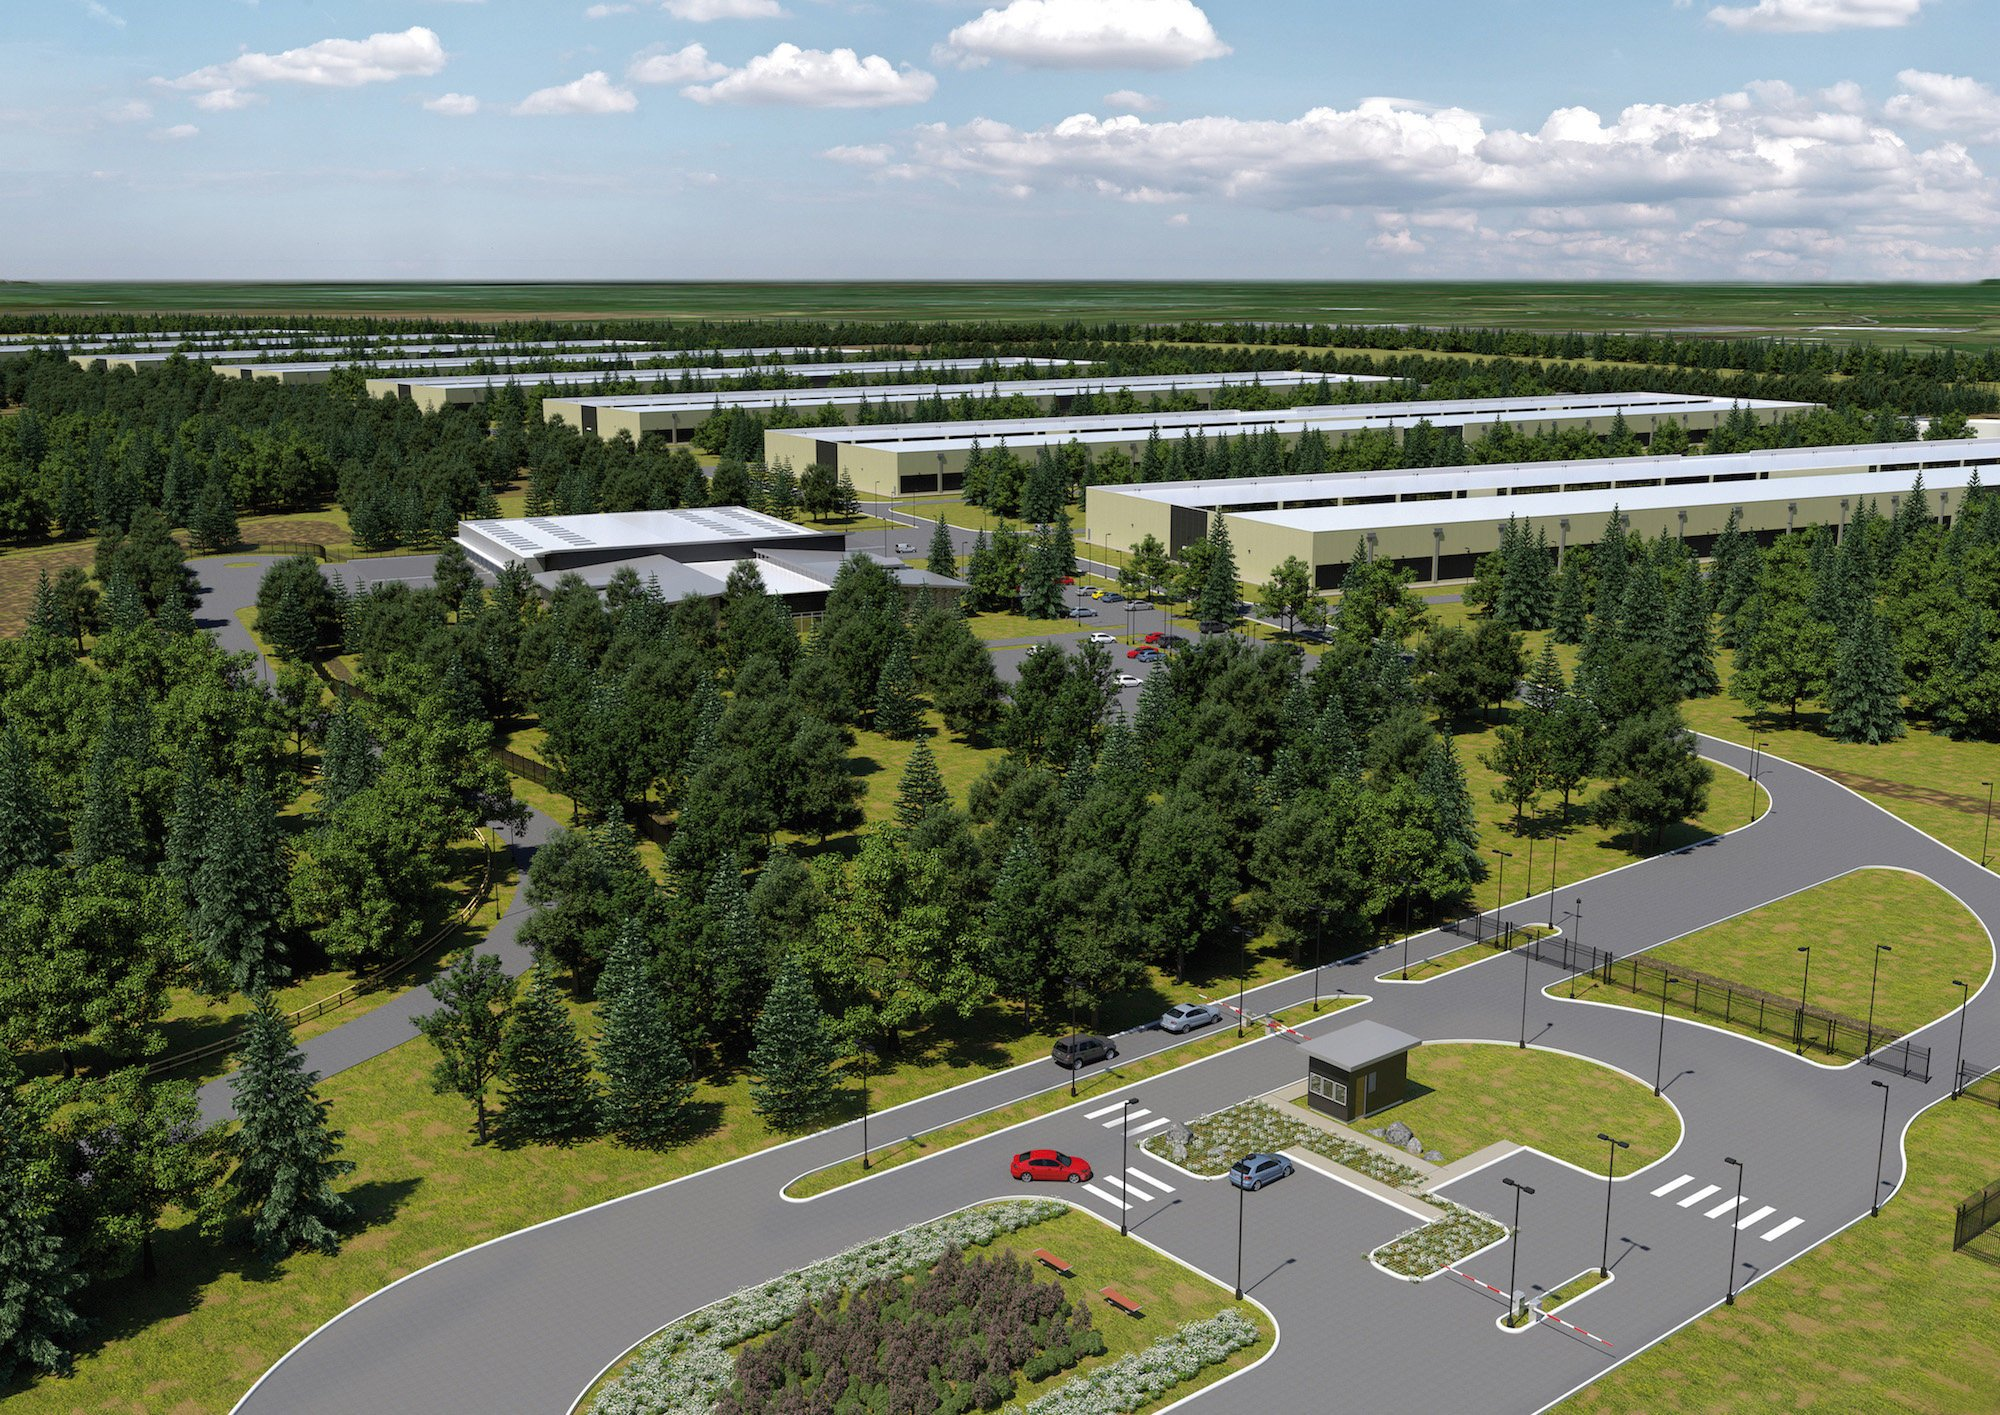 Apple wird künftig seine Cloud-Dienste füreuropäische Kunden aus zwei neuen Rechenzentren in Europa zur Verfügung stellen. Für den Bau und Betrieb der beiden Anlagen in Dänemark und Irland (Grafik) werde man 1,7 Milliarden Euro investiert.